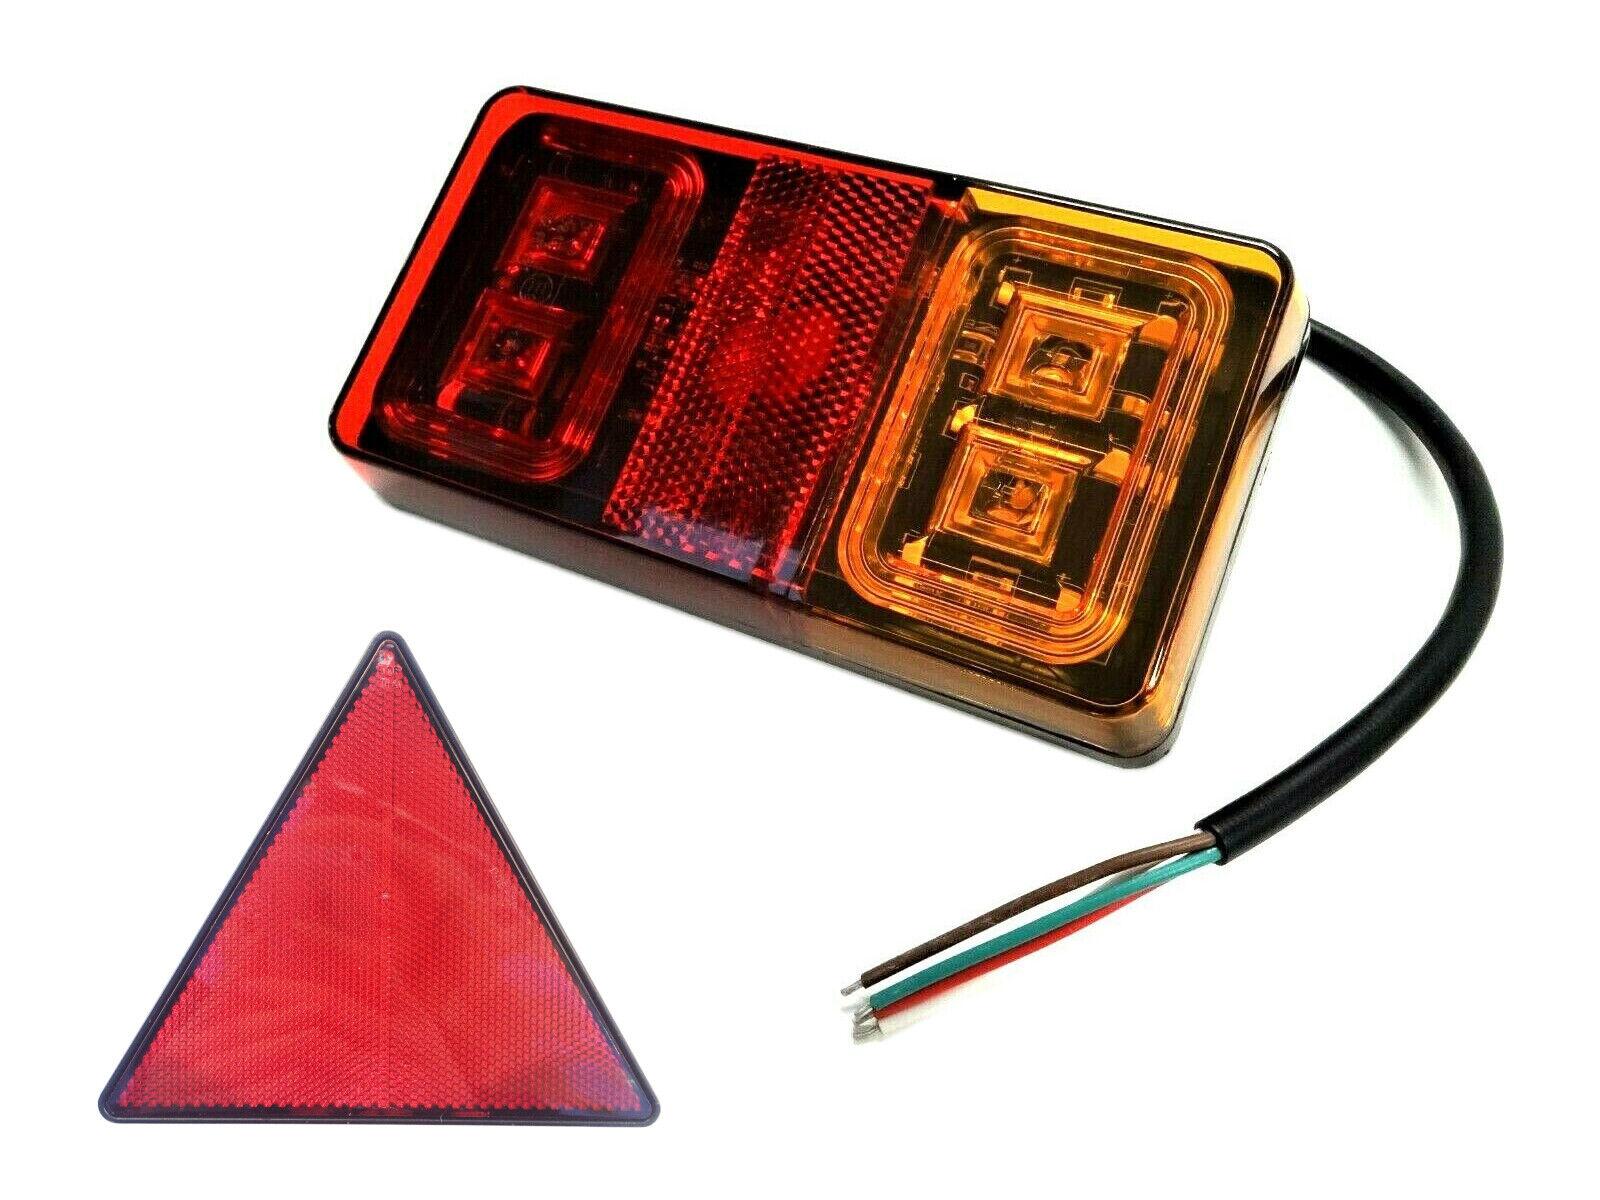 1x LED Multifunktionale Heckleuchte 3 Funktionen LZD2264